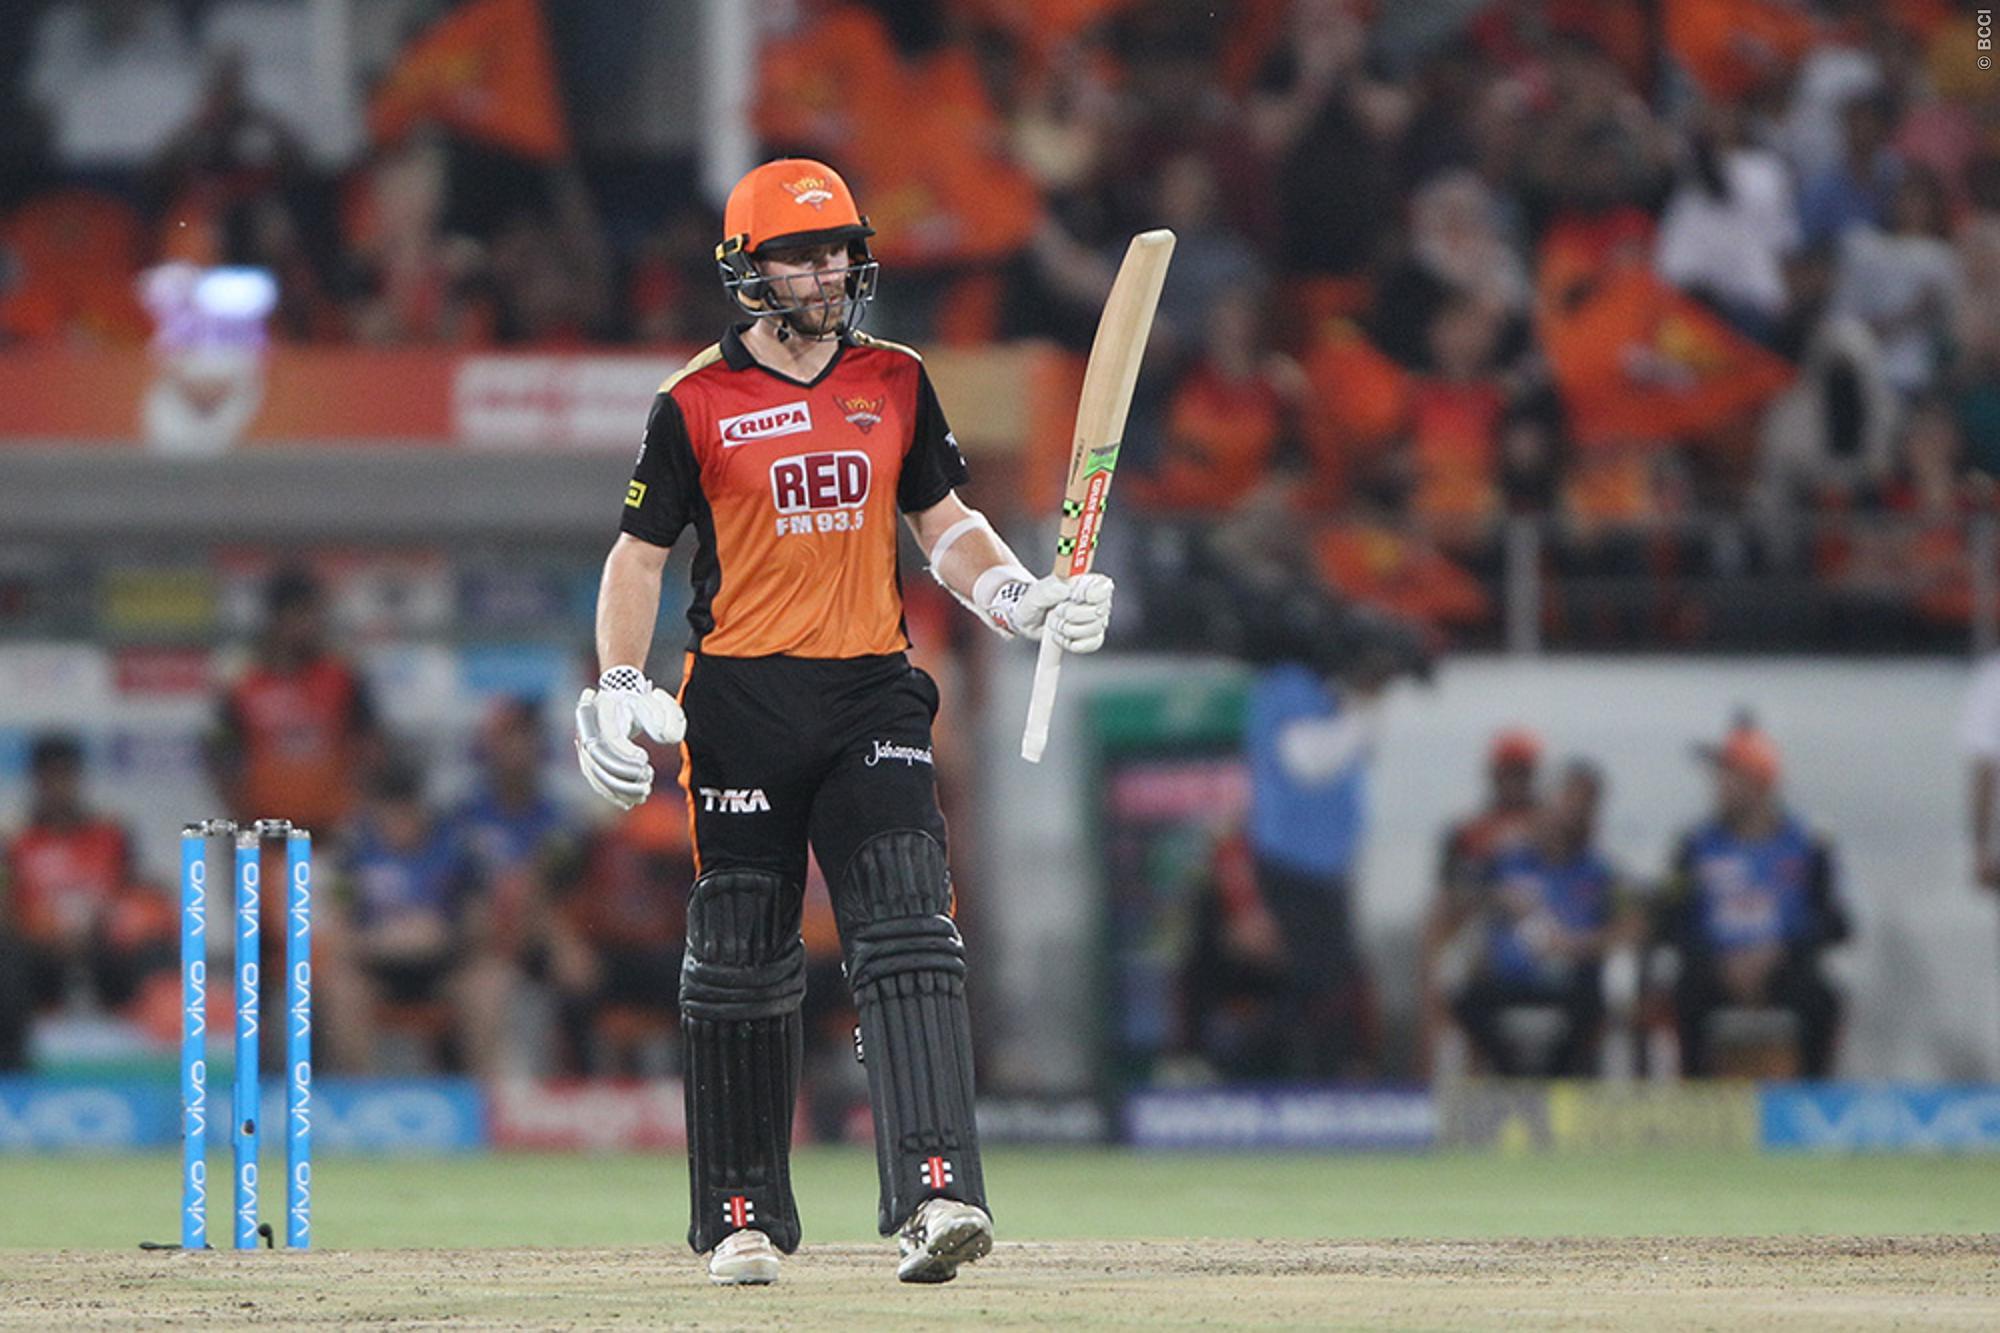 बंगलौर की टीम का एक बार फिर से उड़ा मजाक, वही सर जडेजा ने कोहली और डिविलियर्स की जोड़ी को लेकर कही ये बात 32